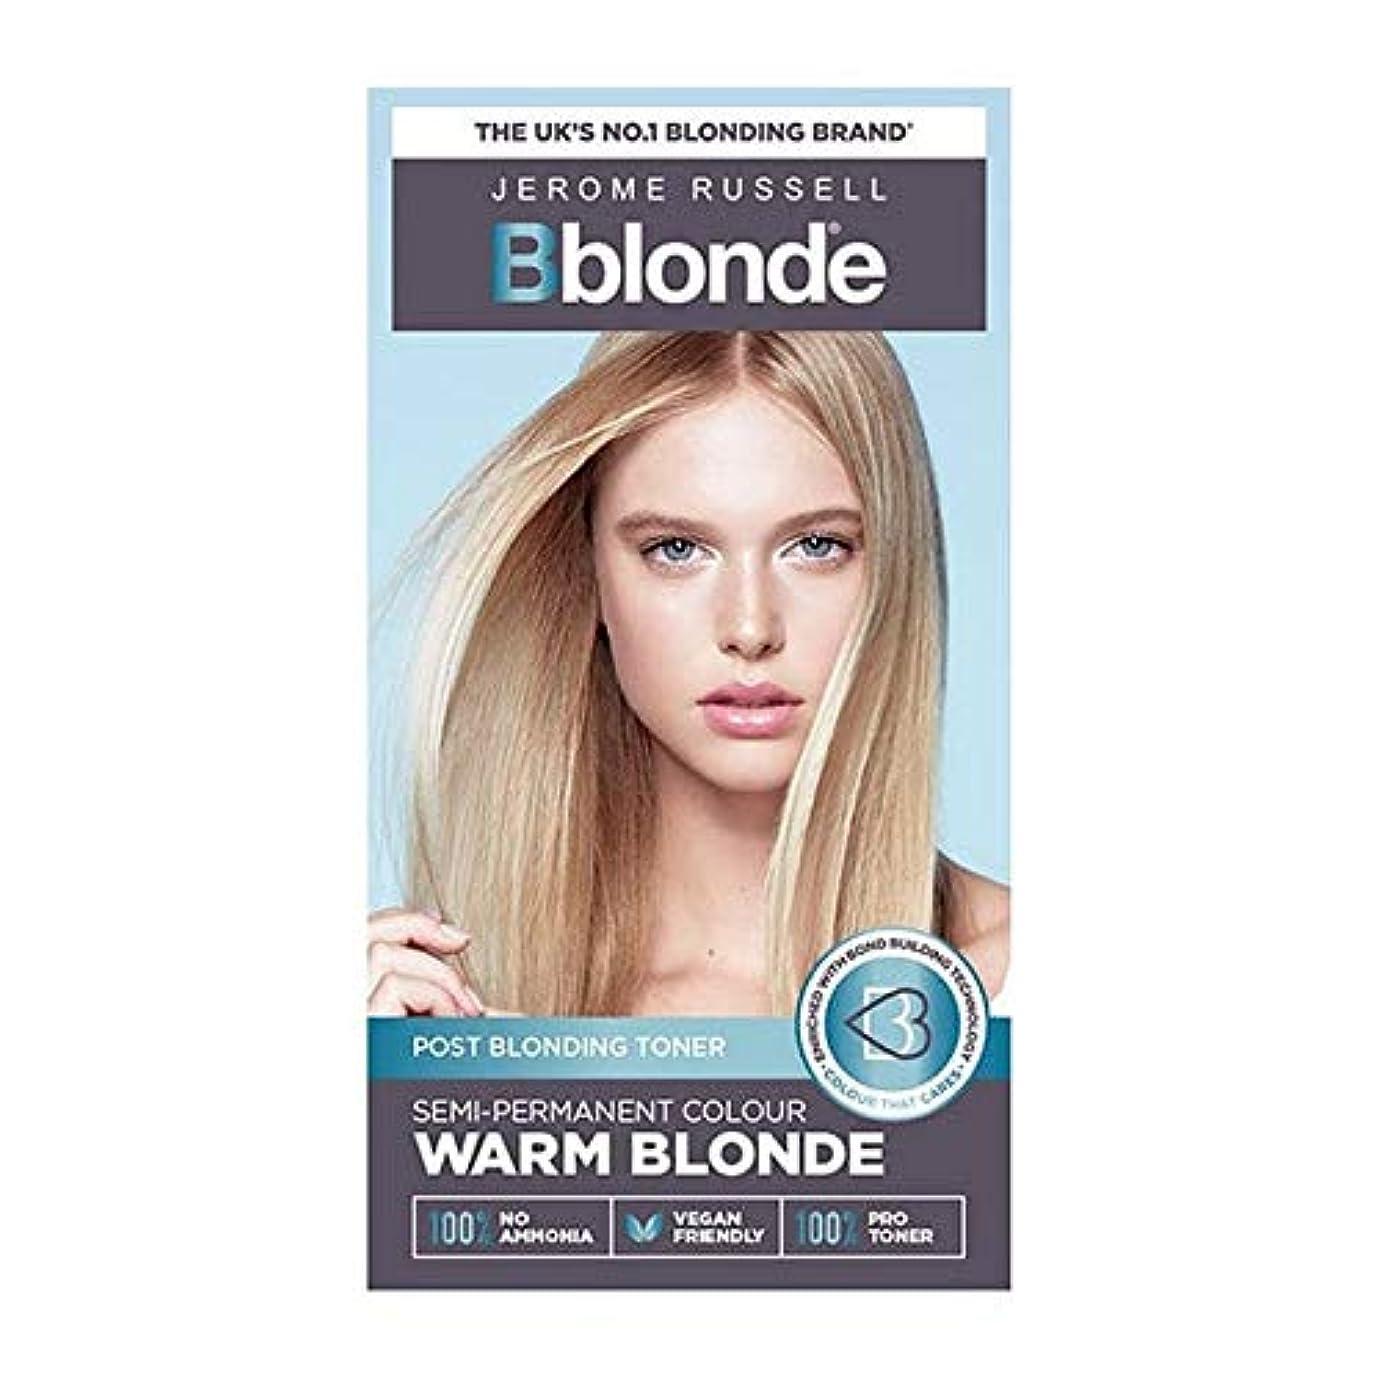 効果的情緒的ケニア[Jerome Russell ] ジェロームラッセルBblonde半恒久的なトナー暖かいブロンド - Jerome Russell Bblonde Semi Permanent Toner Warm Blonde [並行輸入品]